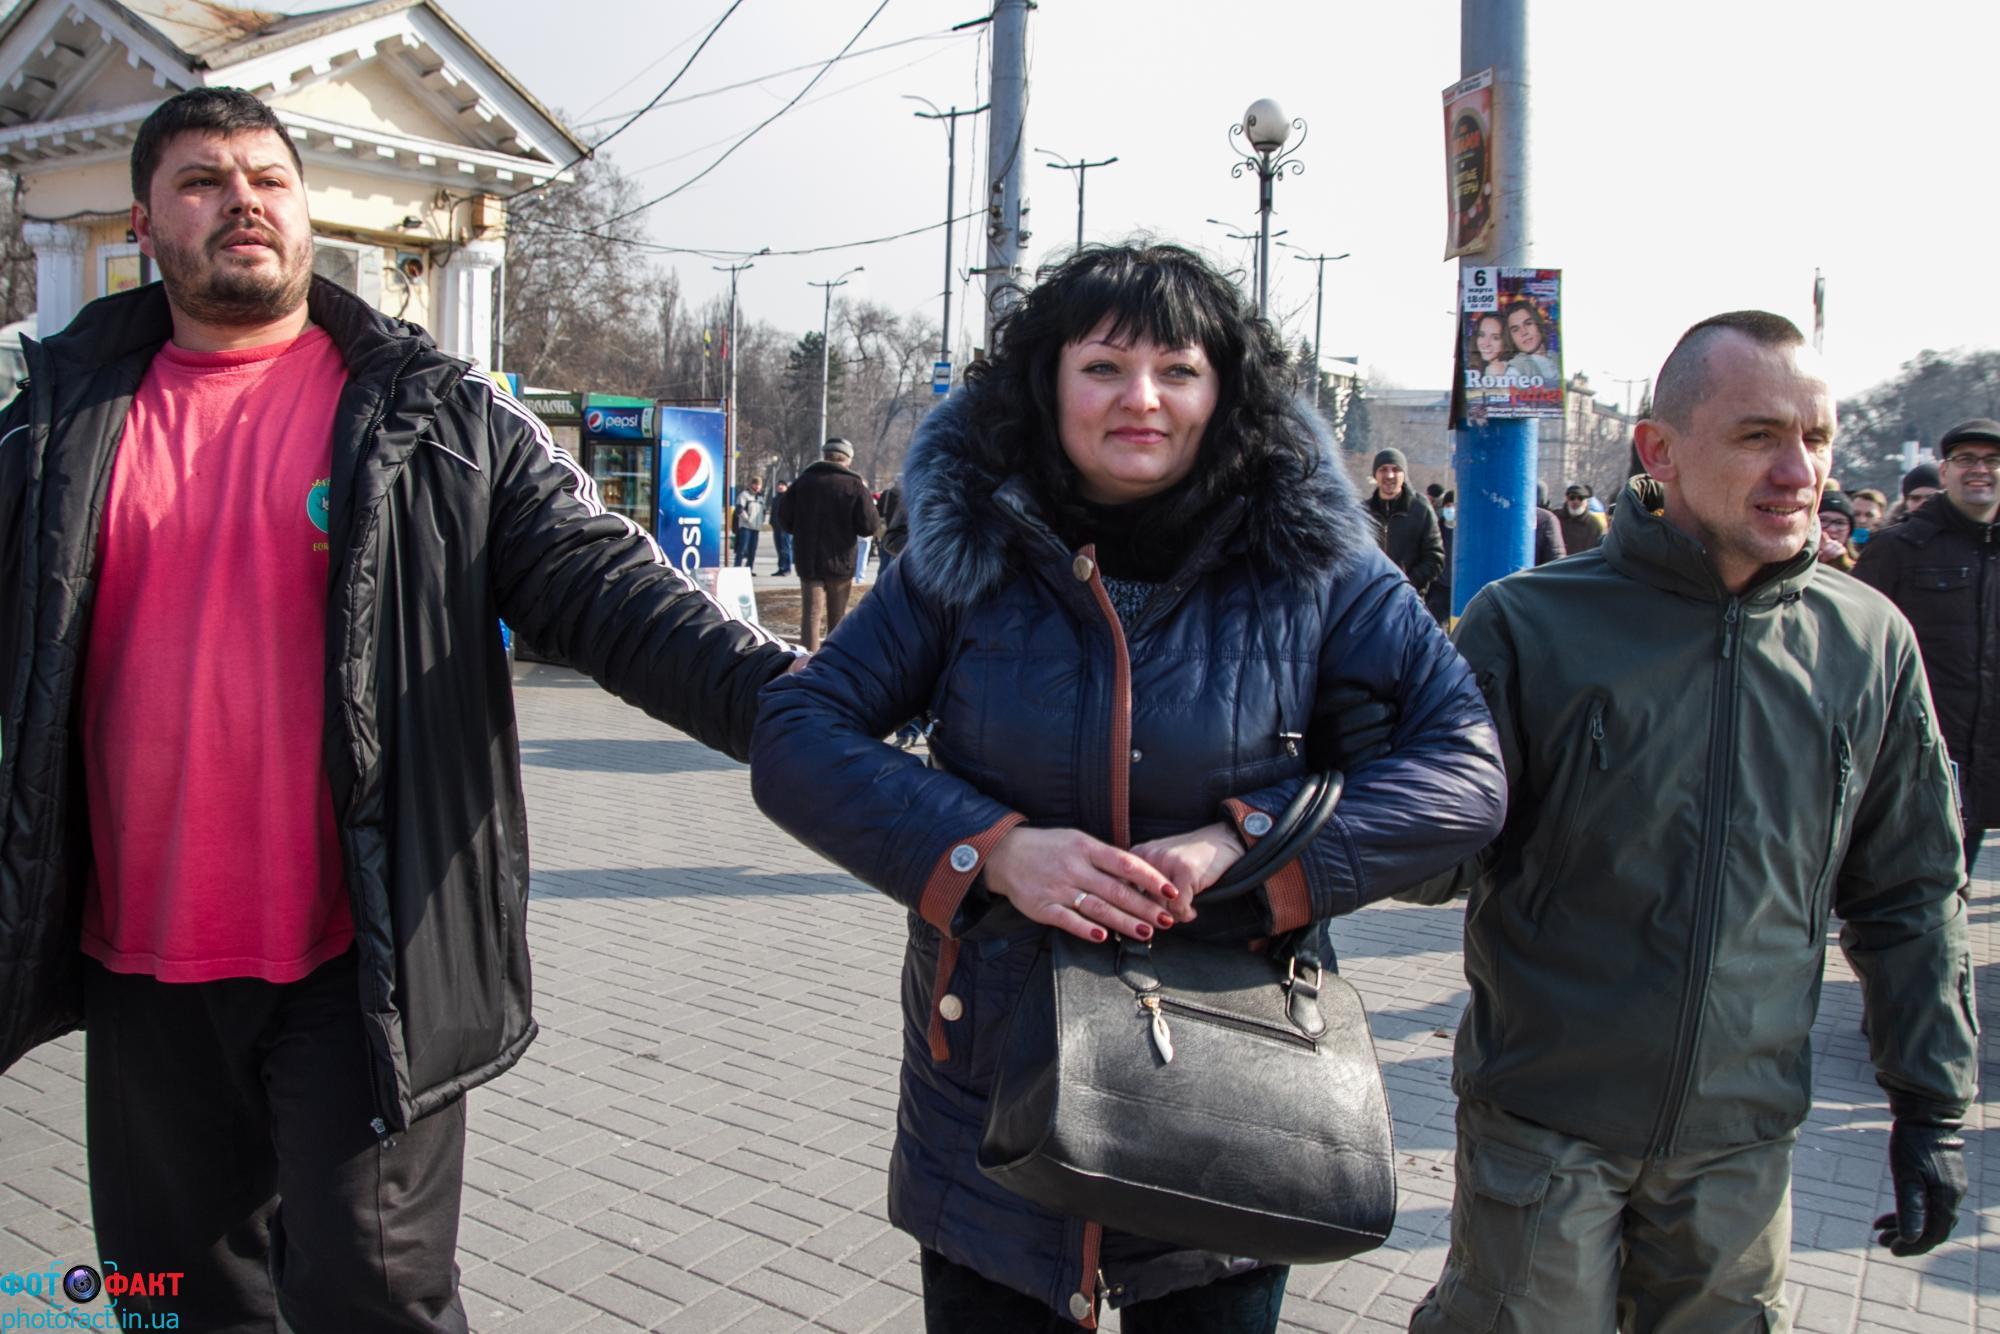 Жительница Мелитополя призывала ксепаратизму, получая указания из РФ — генпрокуратура